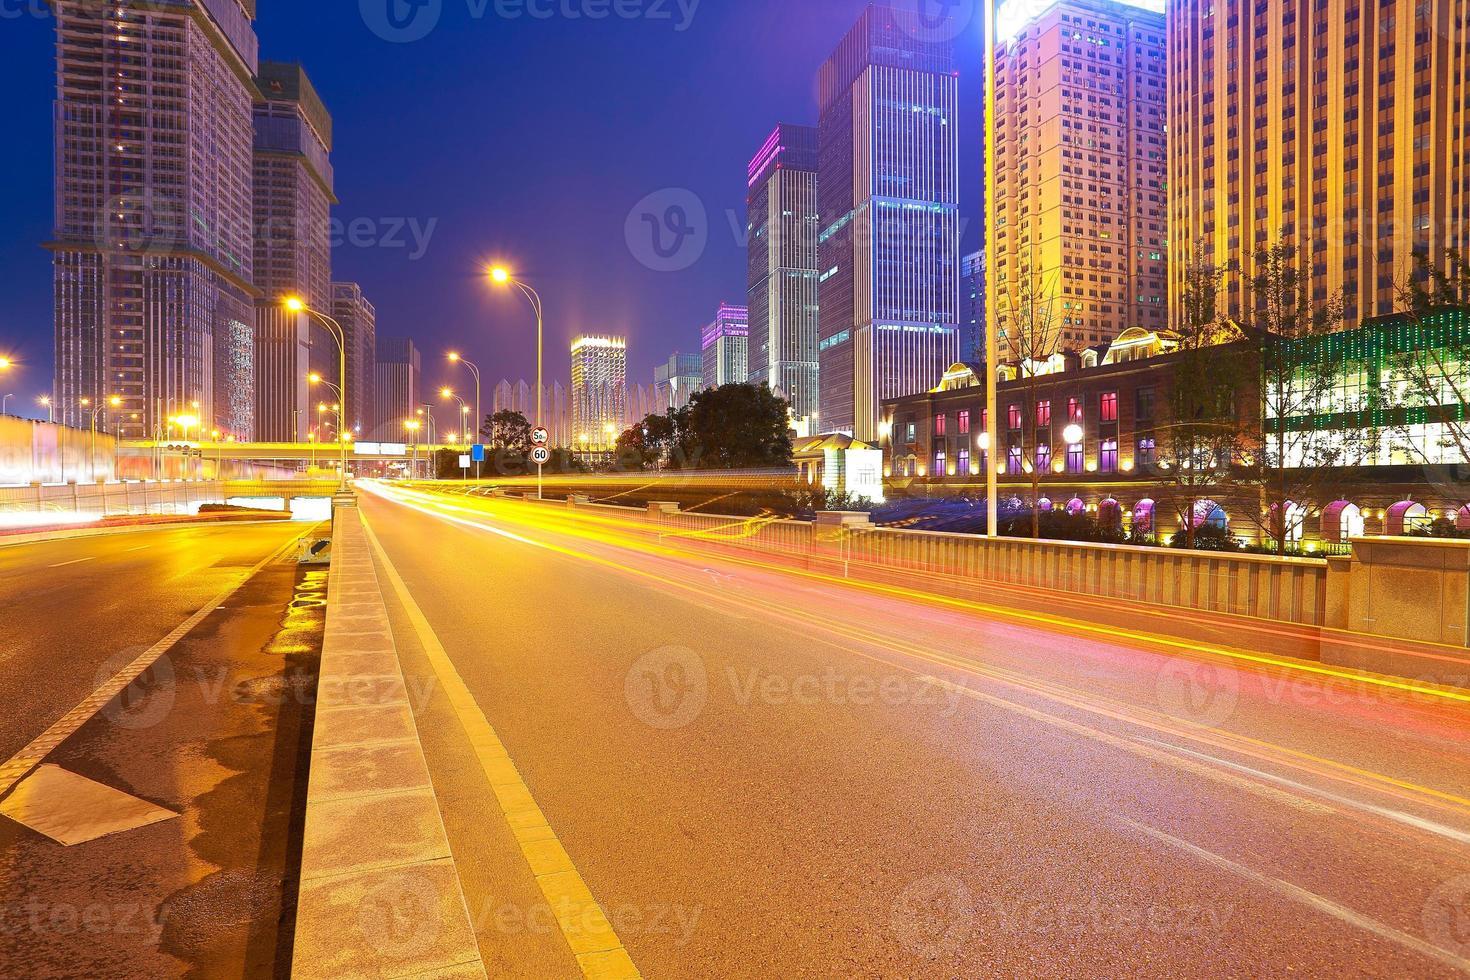 Stadtgebäude Straßenszene und Straße der Nachtszene foto